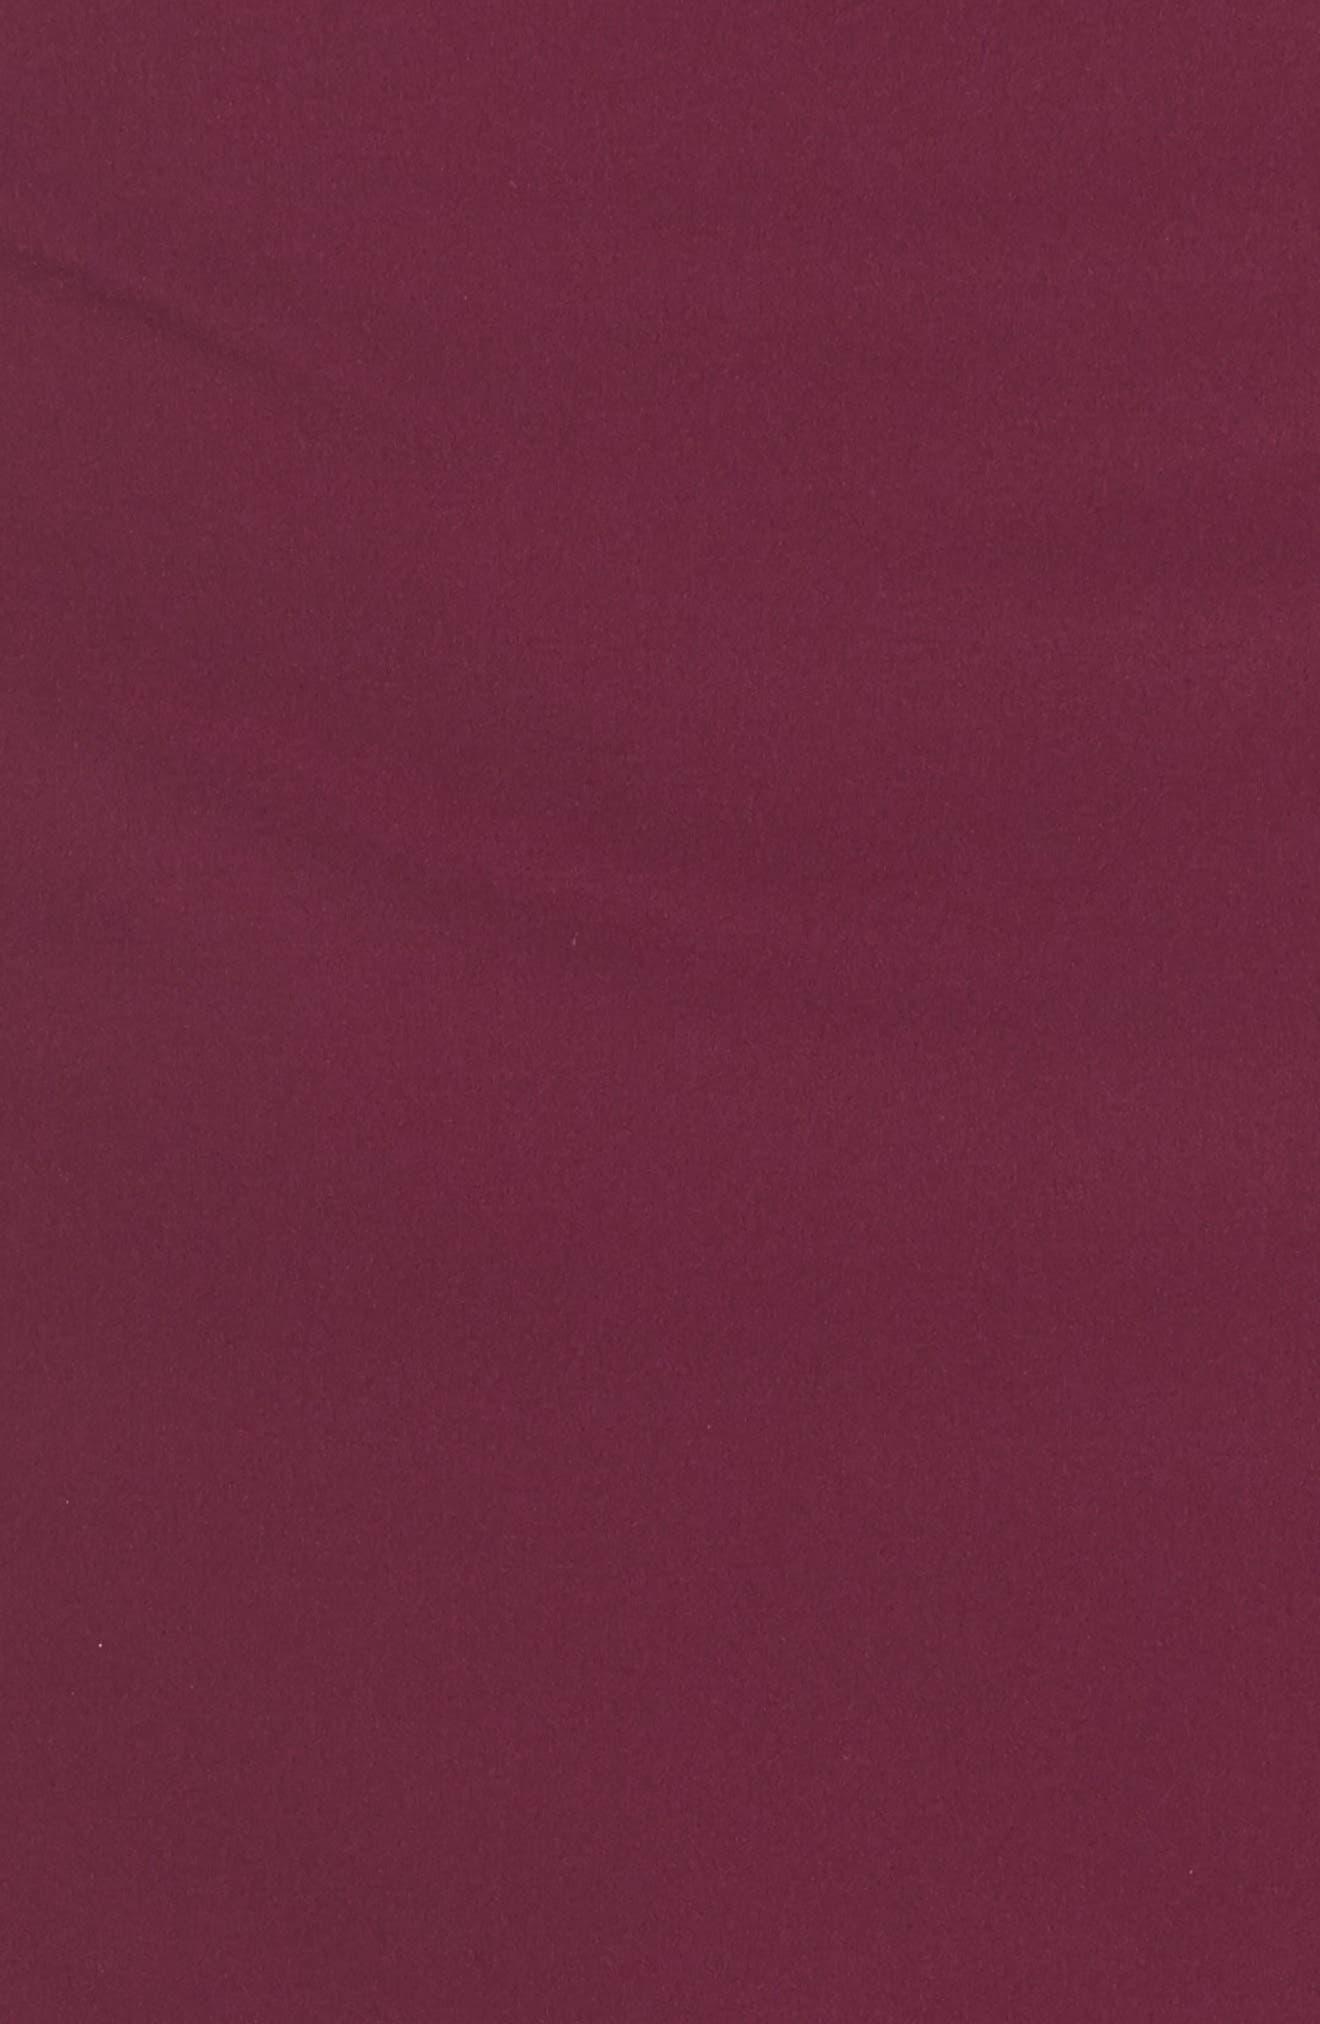 Flex Tennis Skirt,                             Alternate thumbnail 6, color,                             Burgundy